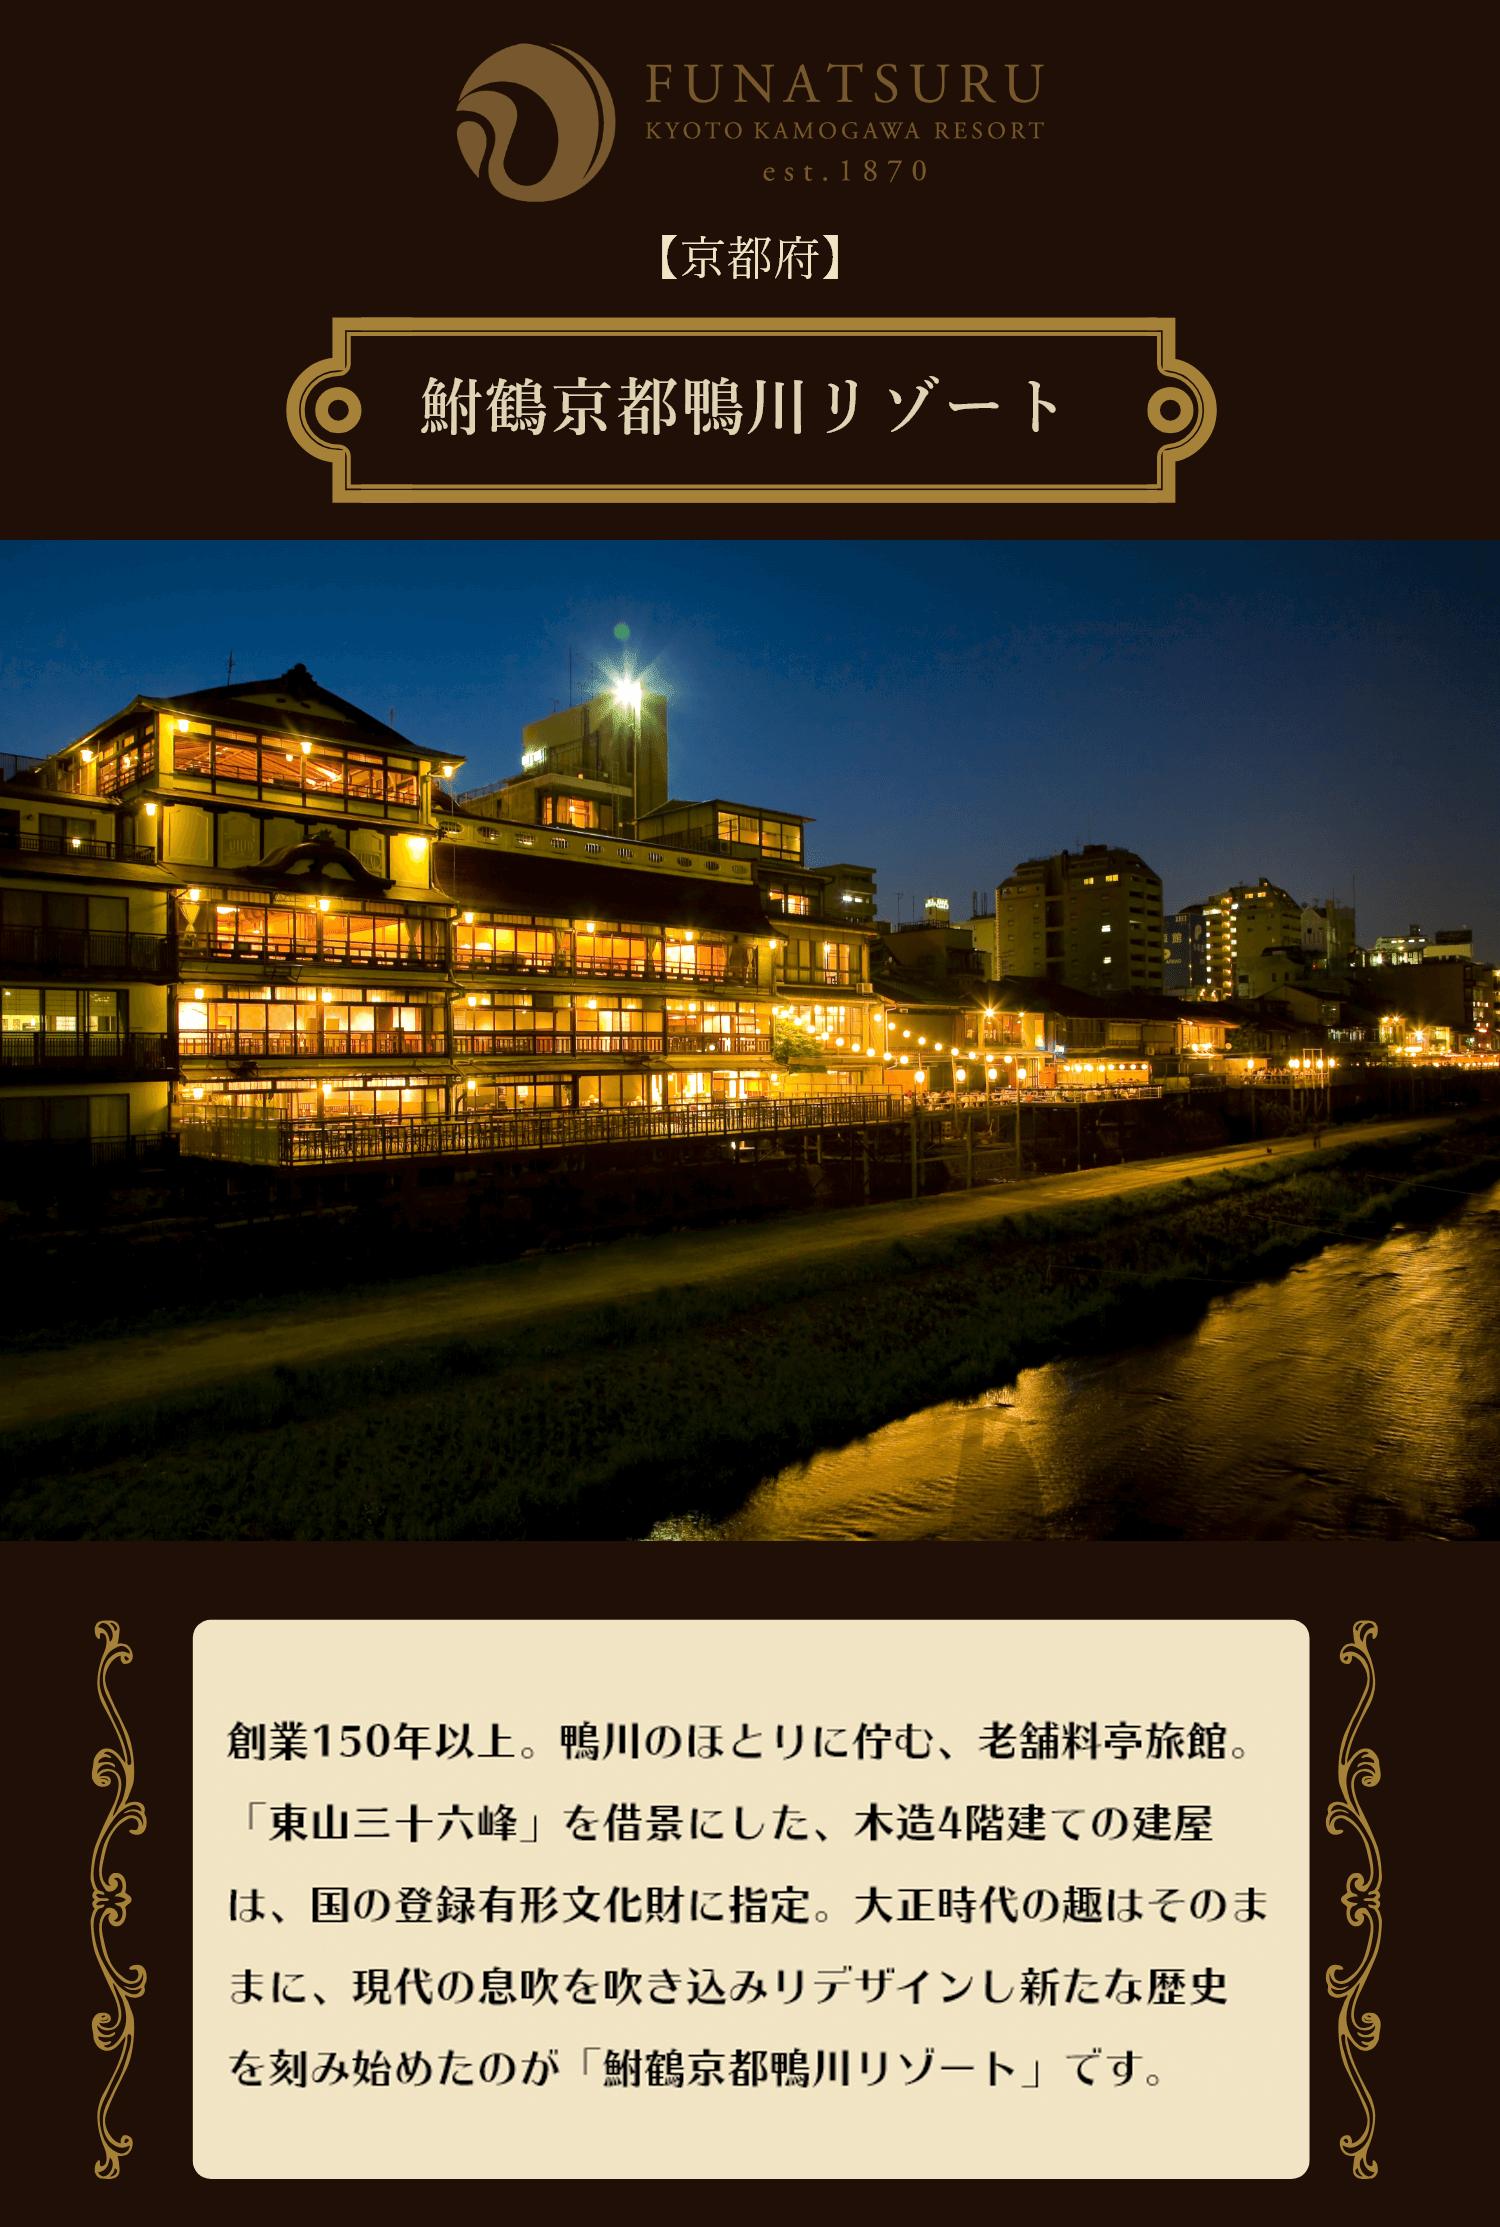 【京都府】鮒鶴京都鴨川リゾート   長い年月により培われた味わいは往時のまま。あらゆる部分に宿る美意識、目には見えない手触り、響き、かそけき匂い…。全ては大正の時代が生み出したもの。そんな「鮒鶴」に現代の息吹を吹き込み、リデザインし新たな歴史を刻み始めたのが鮒鶴京都鴨川リゾートです。